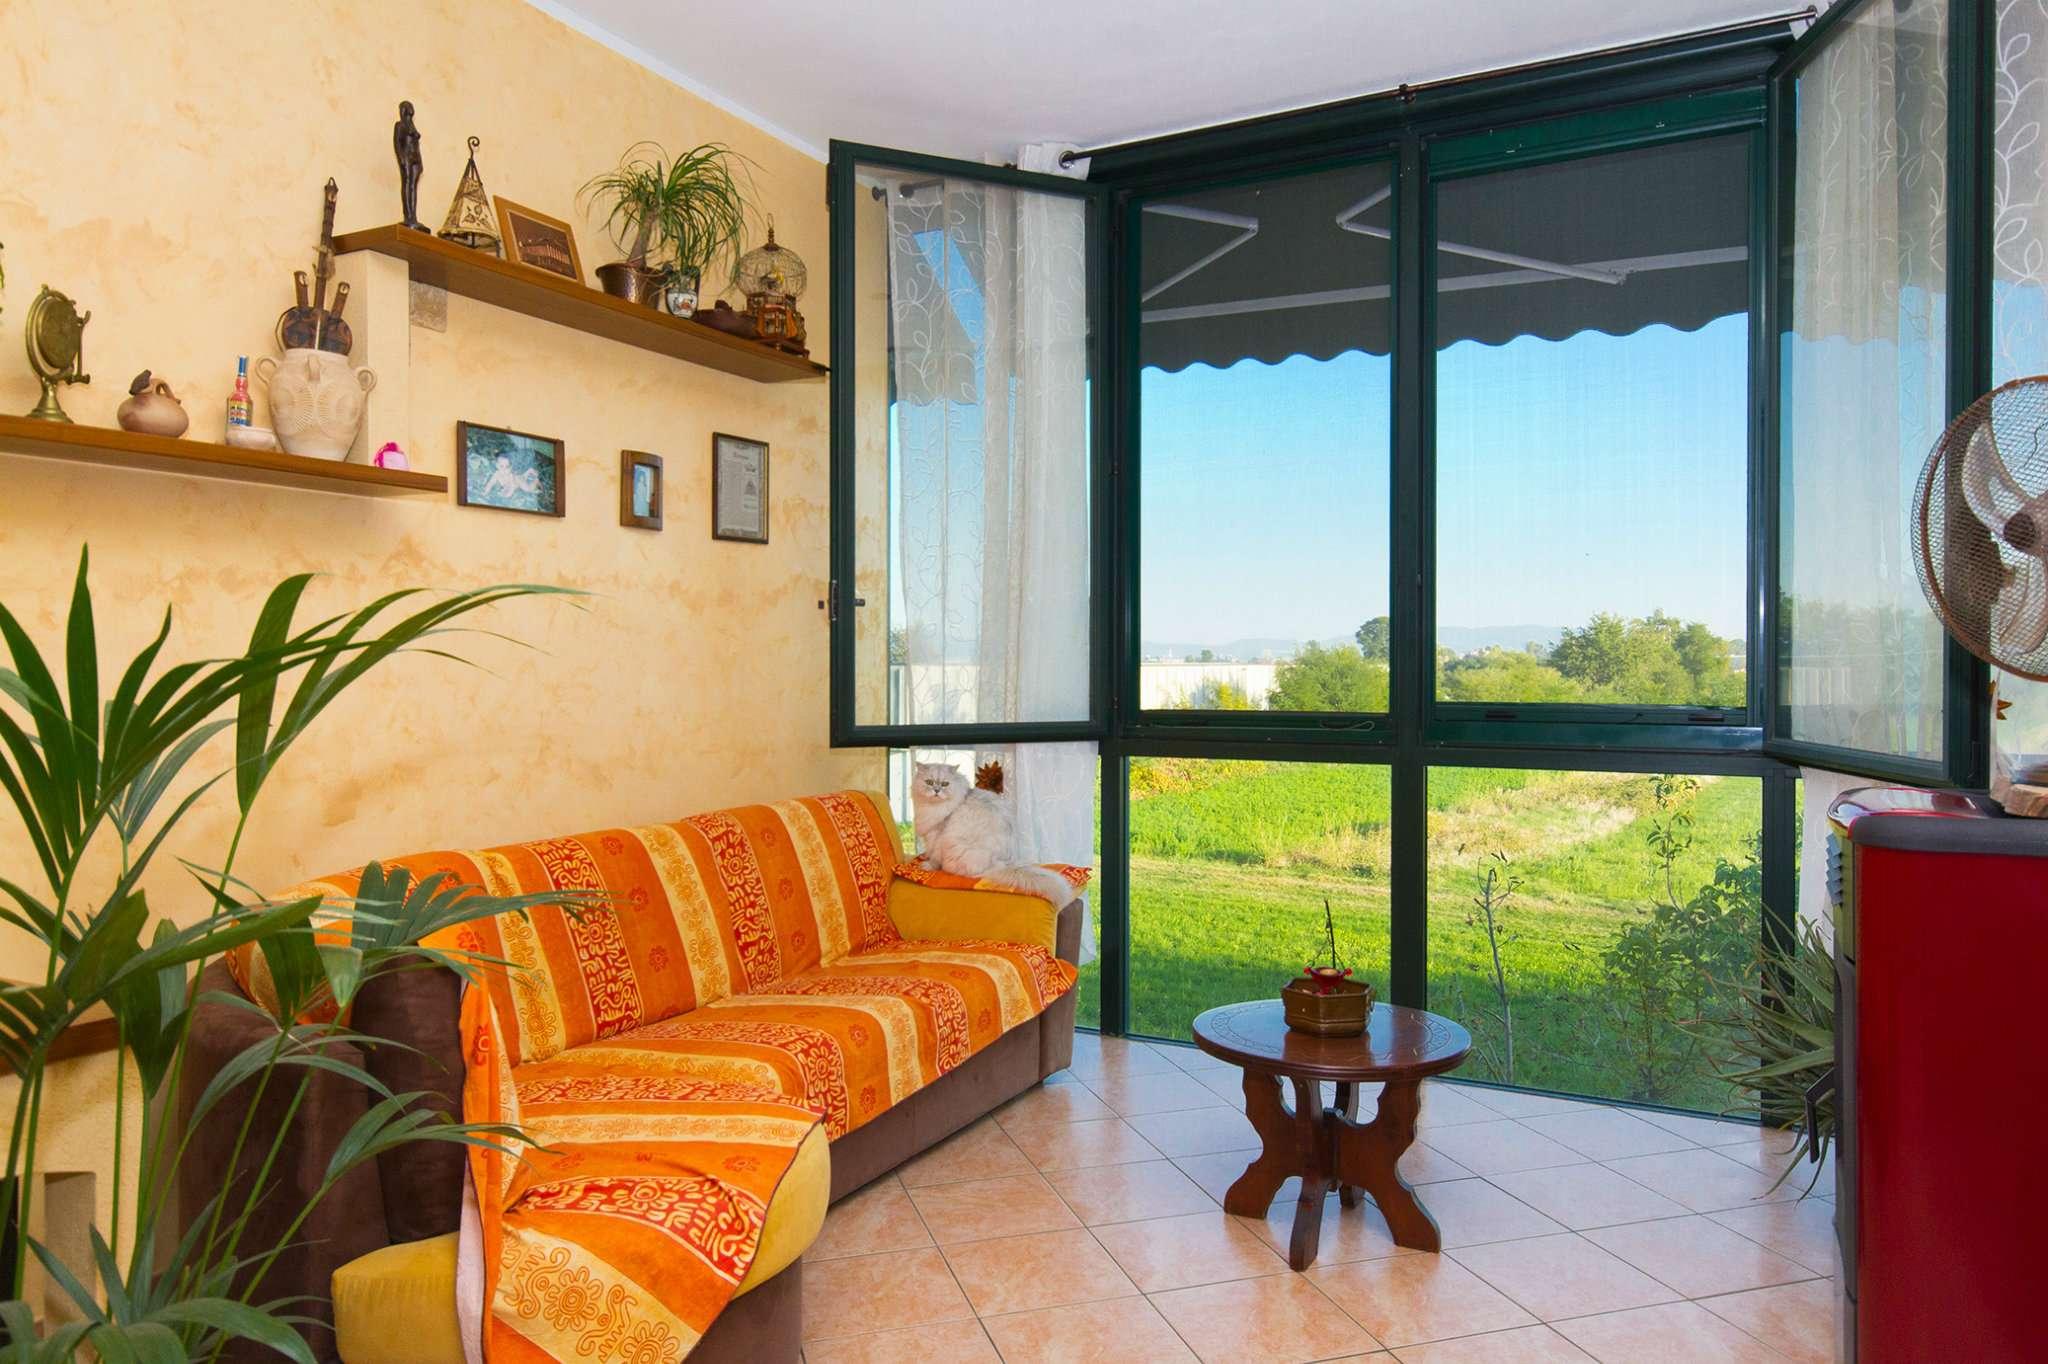 Appartamento in vendita a Druento, 4 locali, prezzo € 99.000 | CambioCasa.it